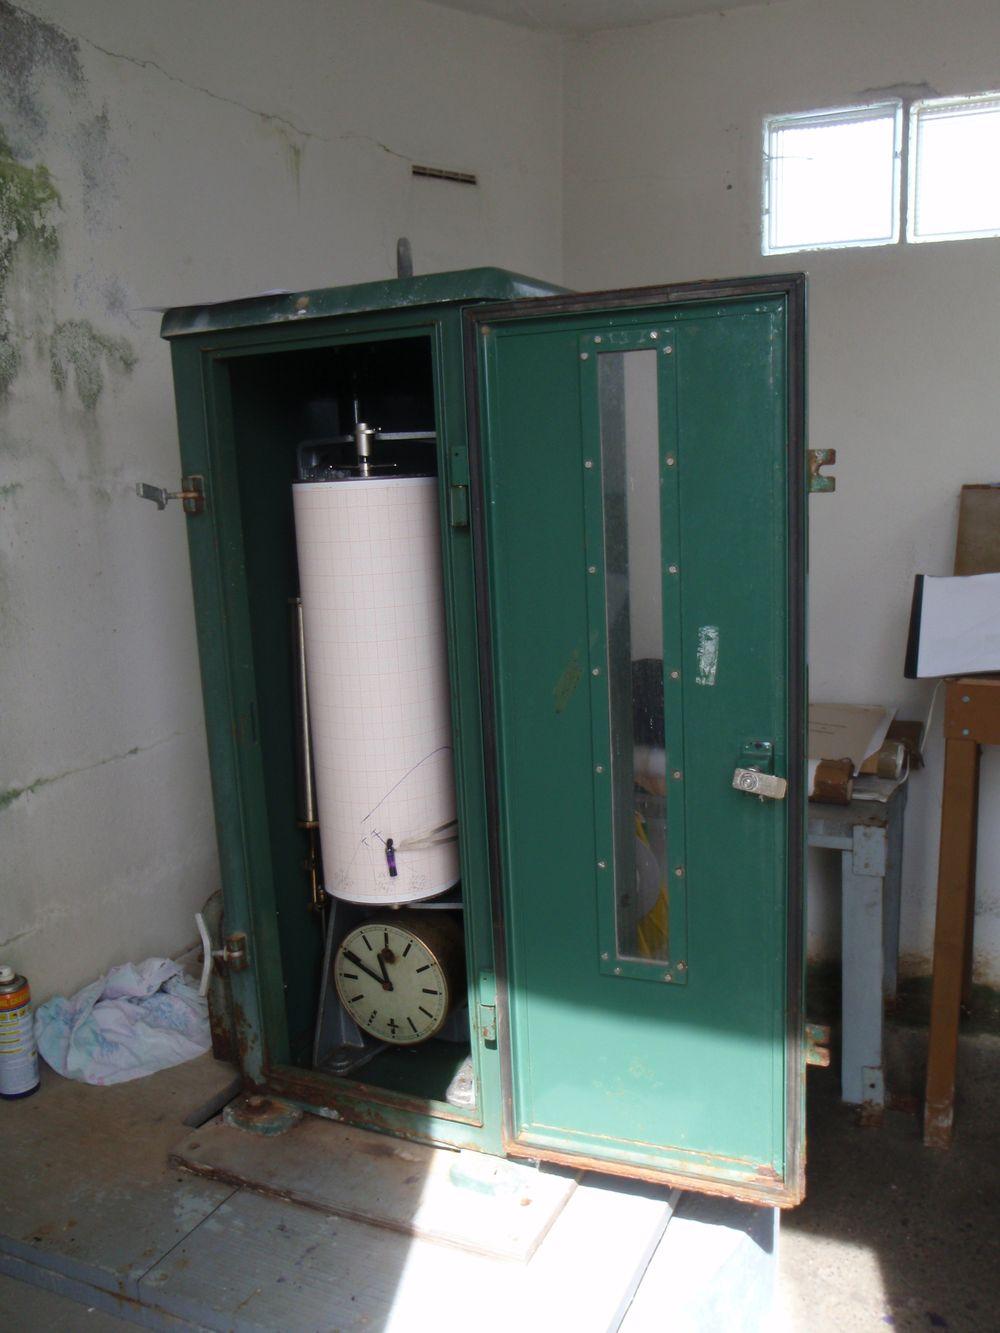 Marégraphe mécanique ayant fonctionné jusqu'en 2011 (crédits SHOM, 2010)